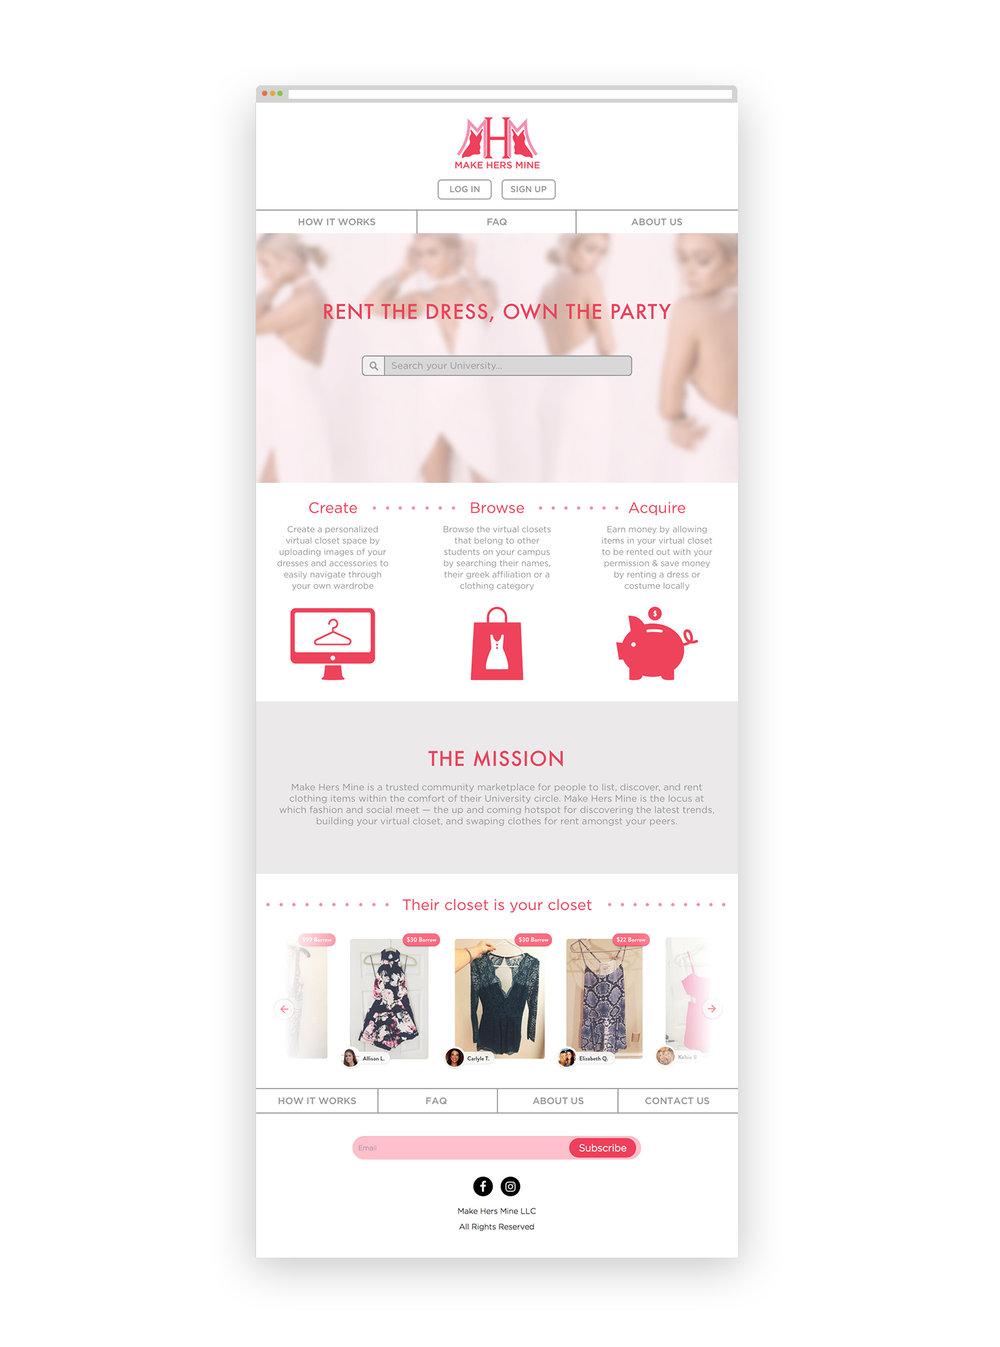 MHM_Homepage.jpg